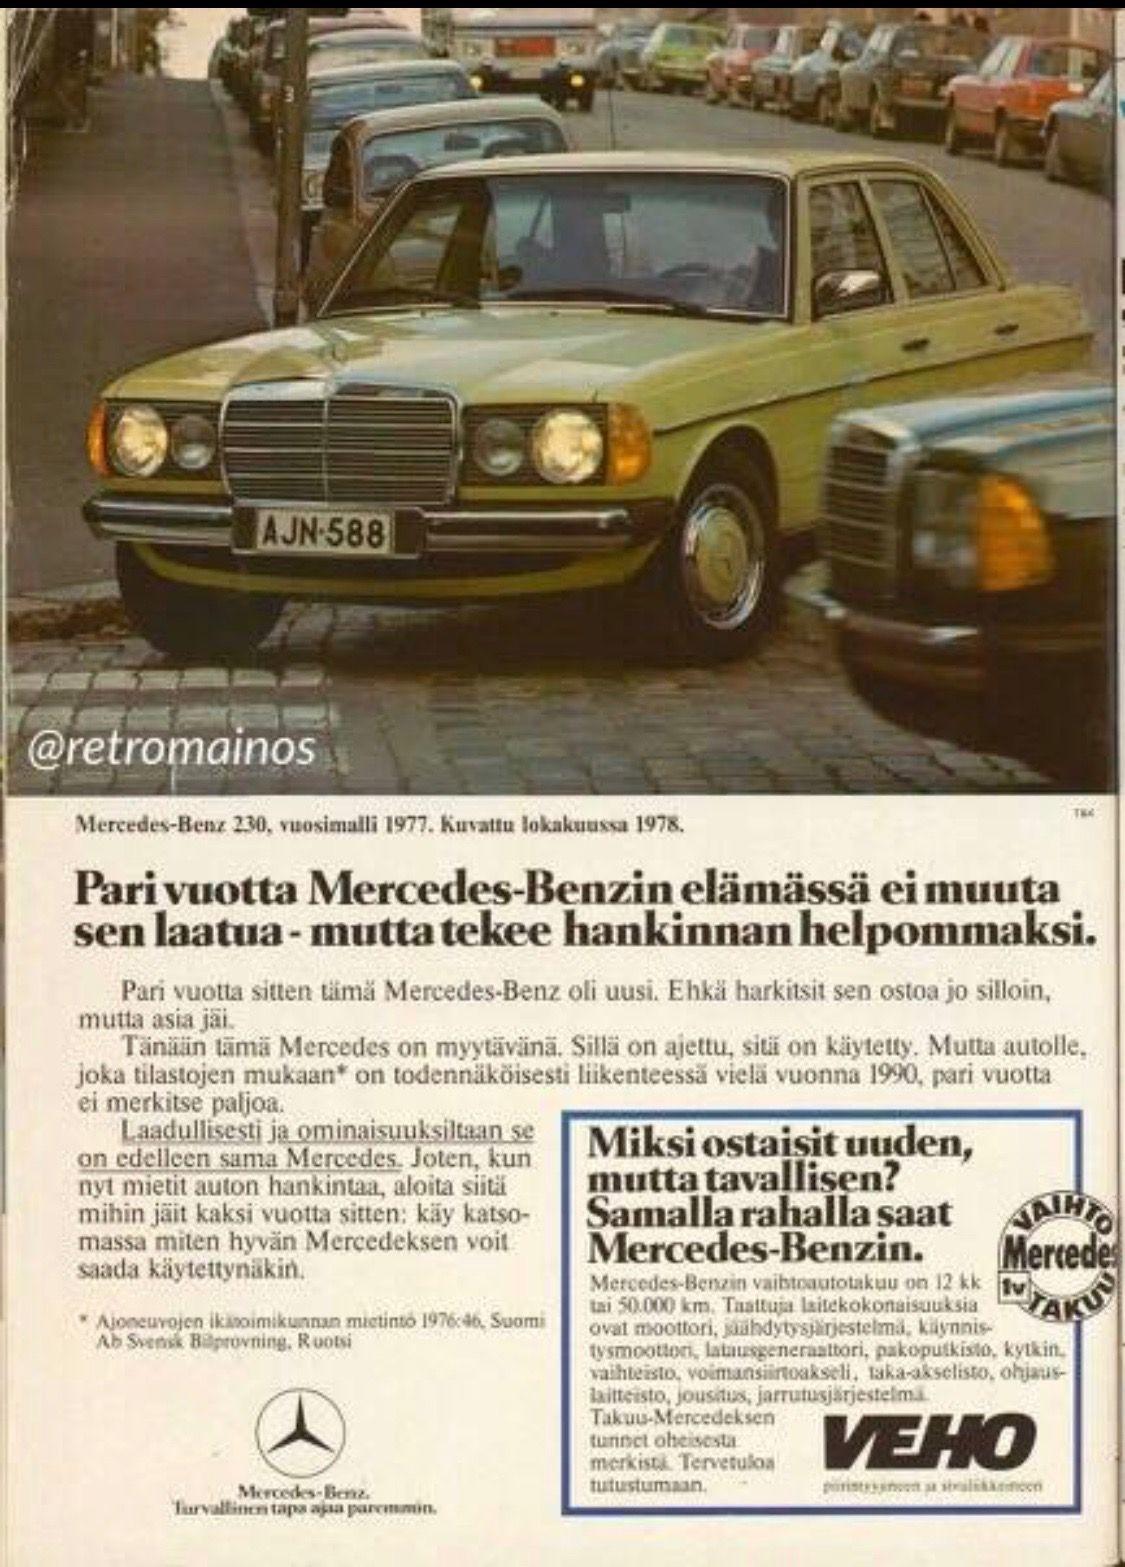 1978 Mercedes-Benz 240/300 (W123 series) in Finnish